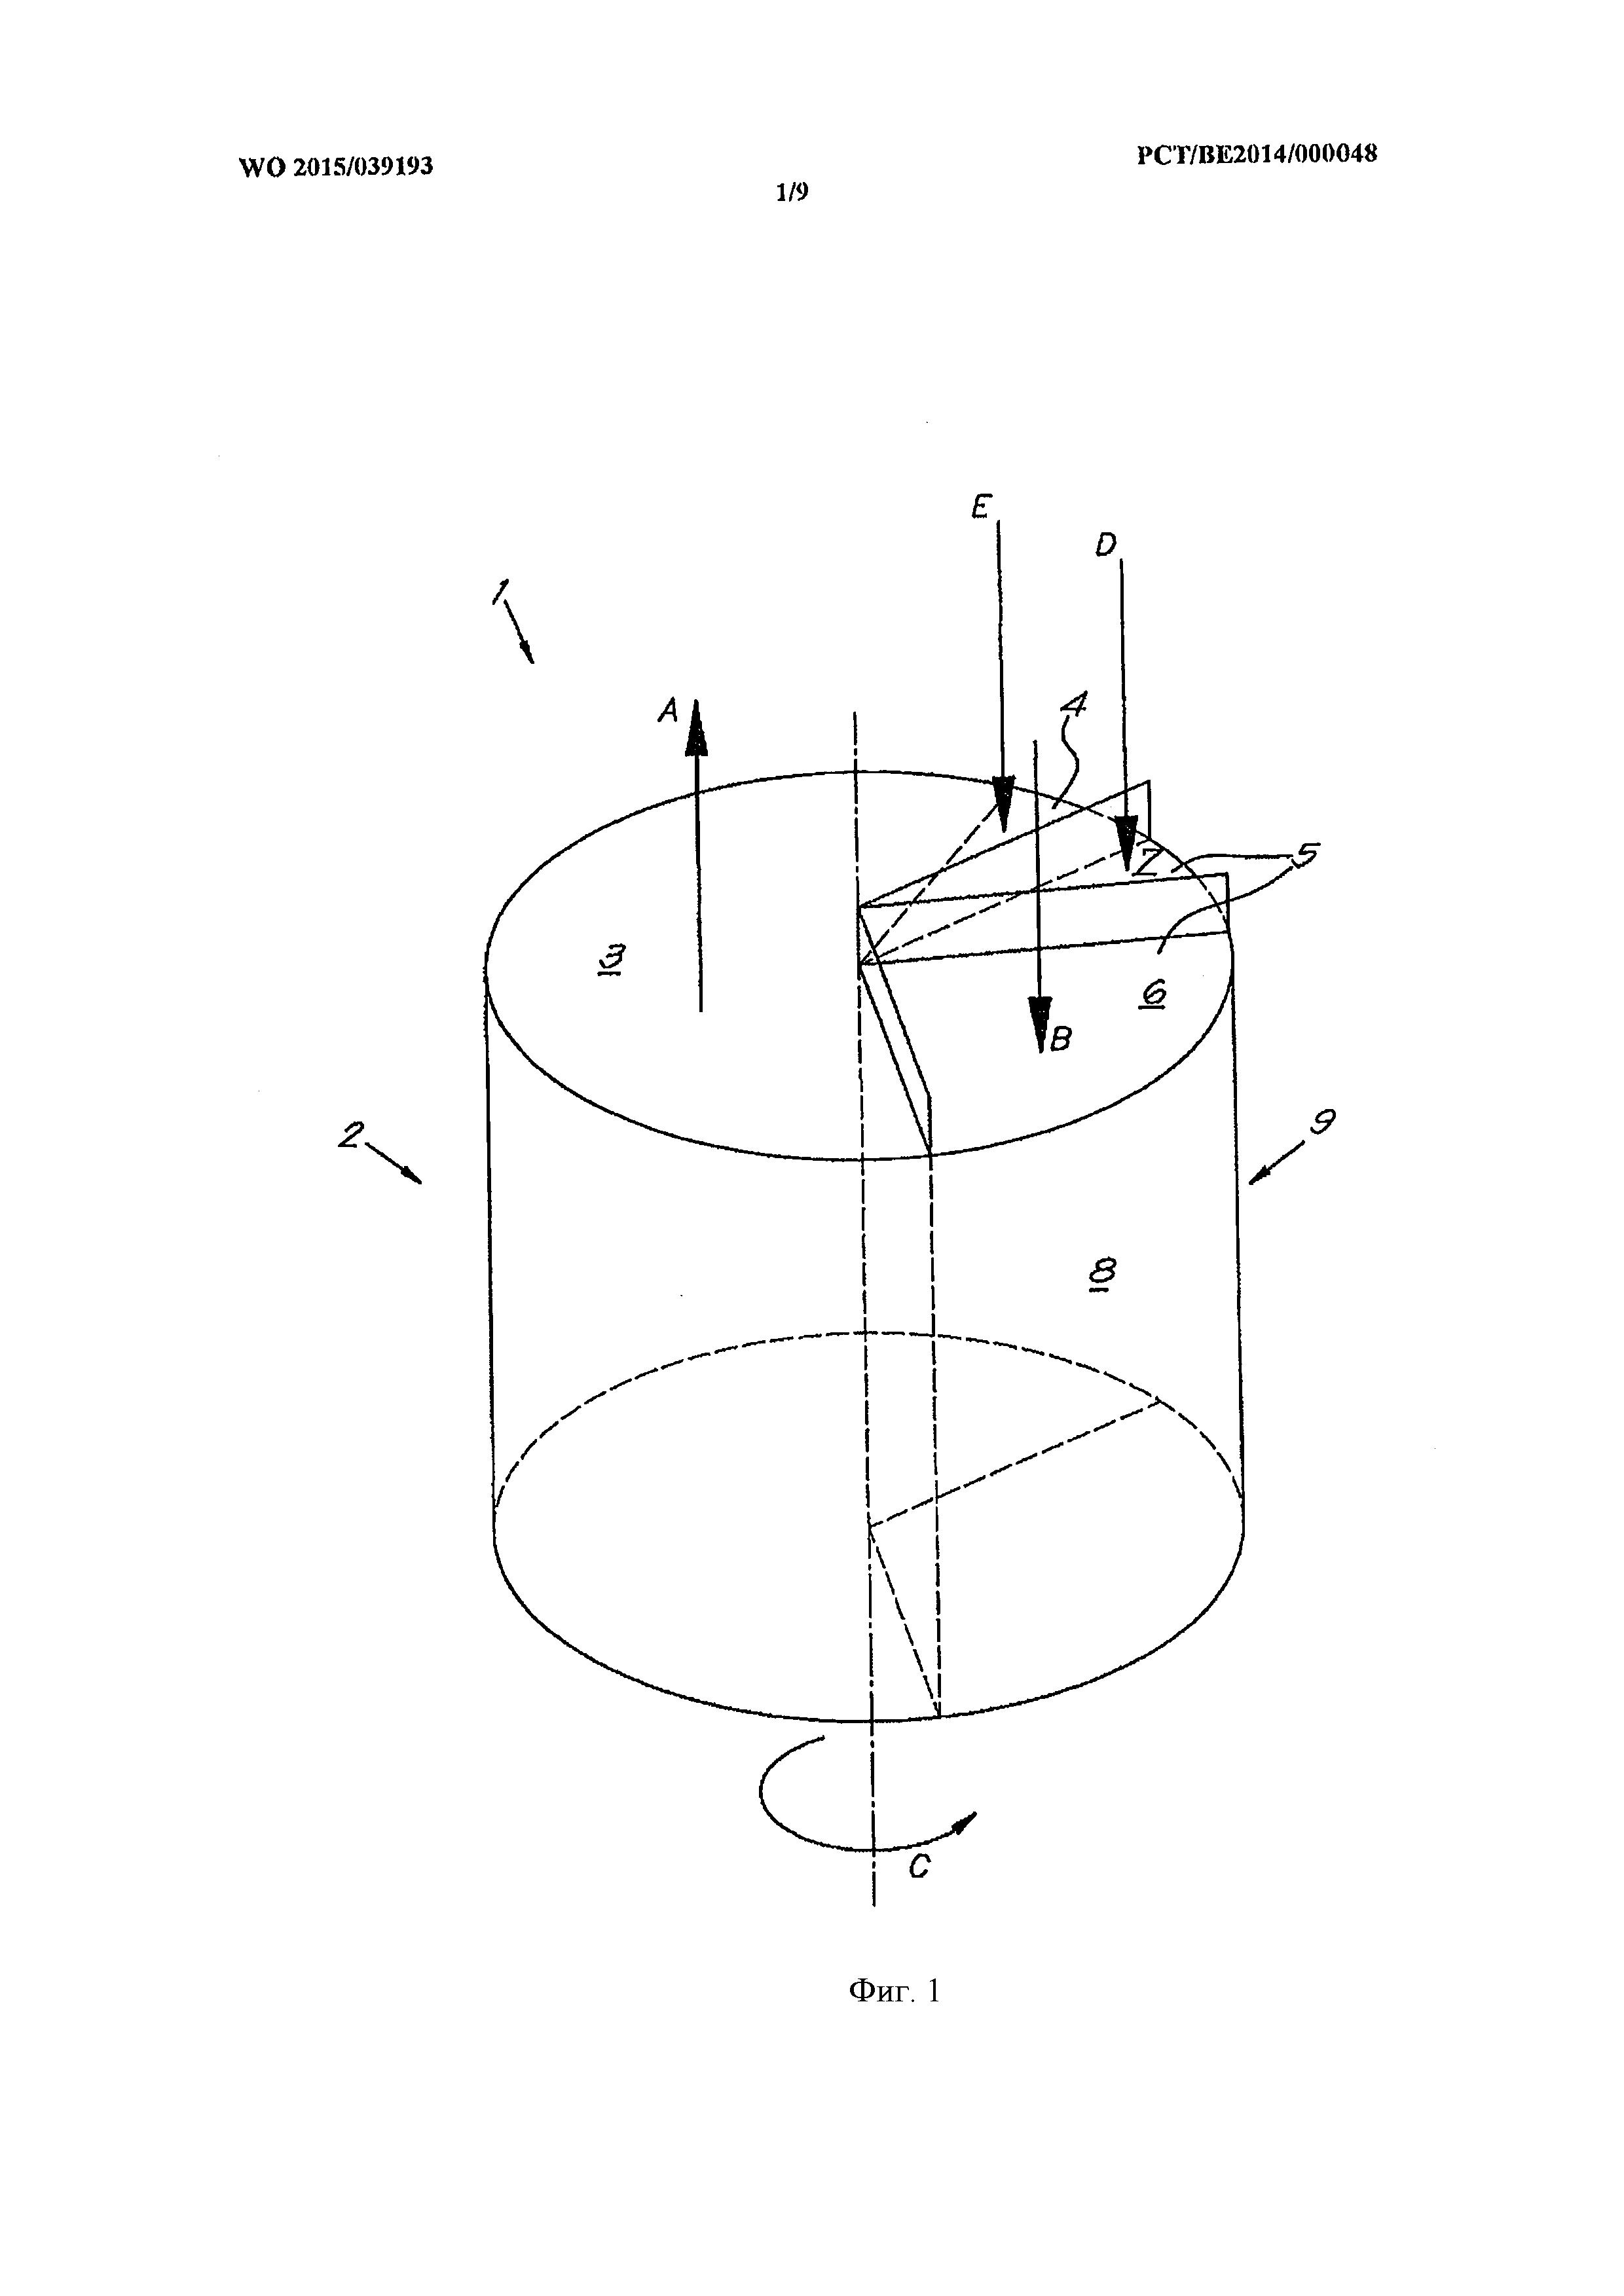 Сушилка для сжатого газа, компрессорная установка, содержащая сушилку, и способ осушки газа